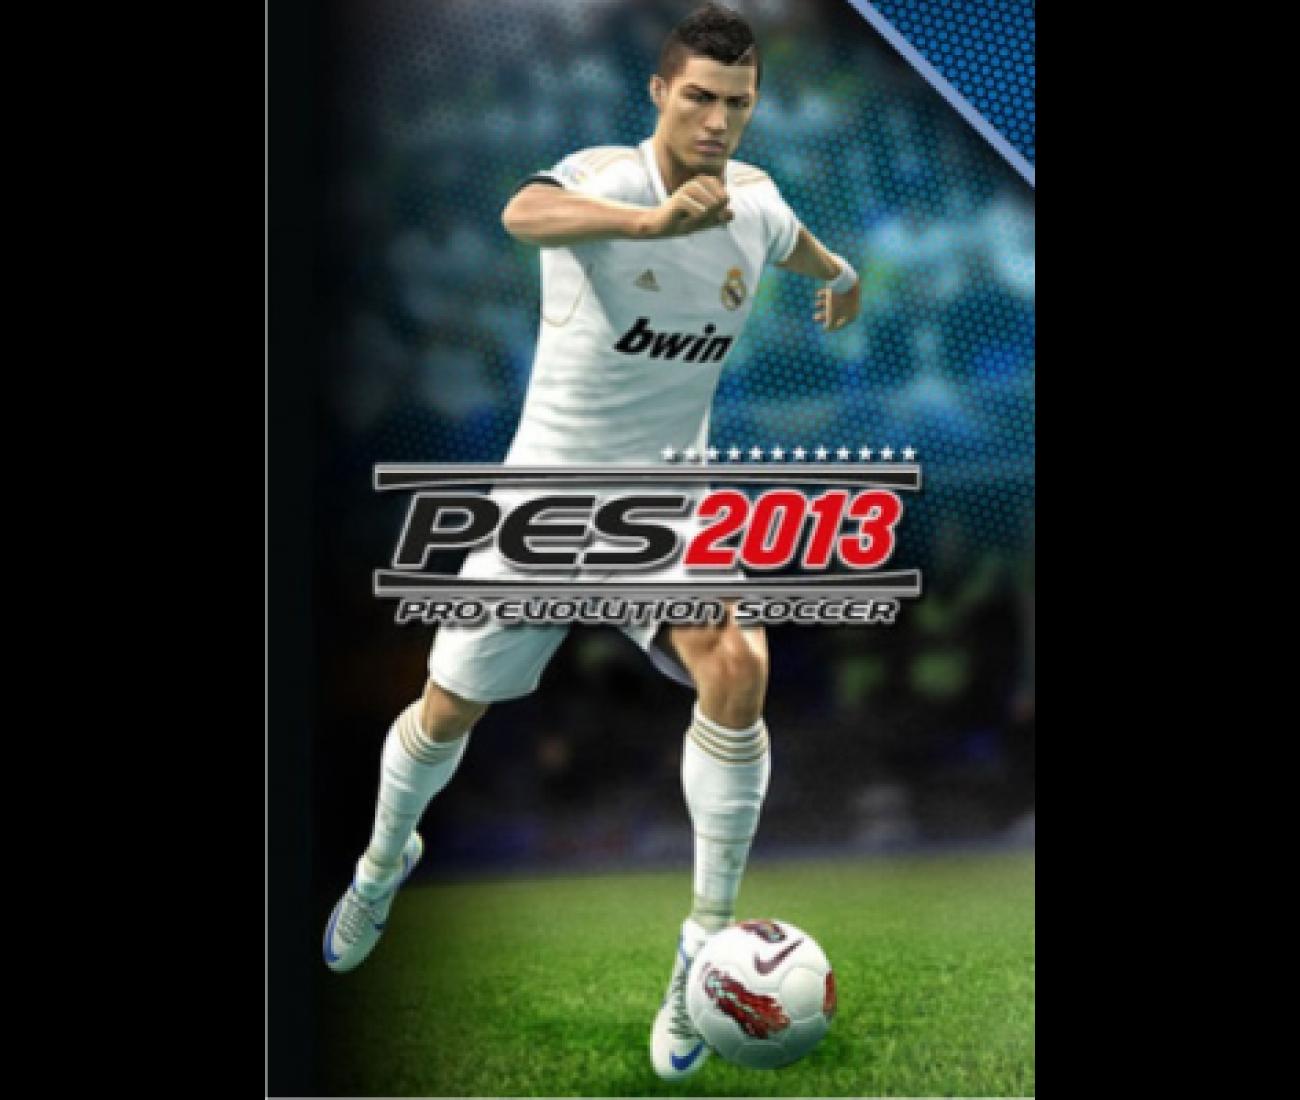 Pes 2013 Pc Edições Evolution: TecMundo: Pro Evolution Soccer 2013 DEMO